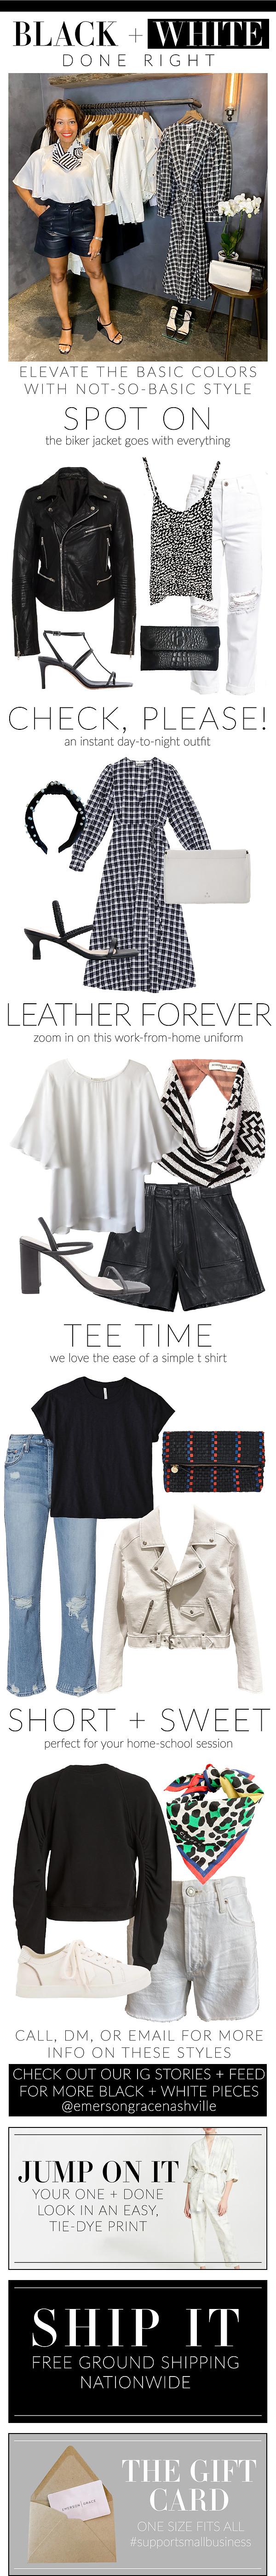 Black + White.jpg